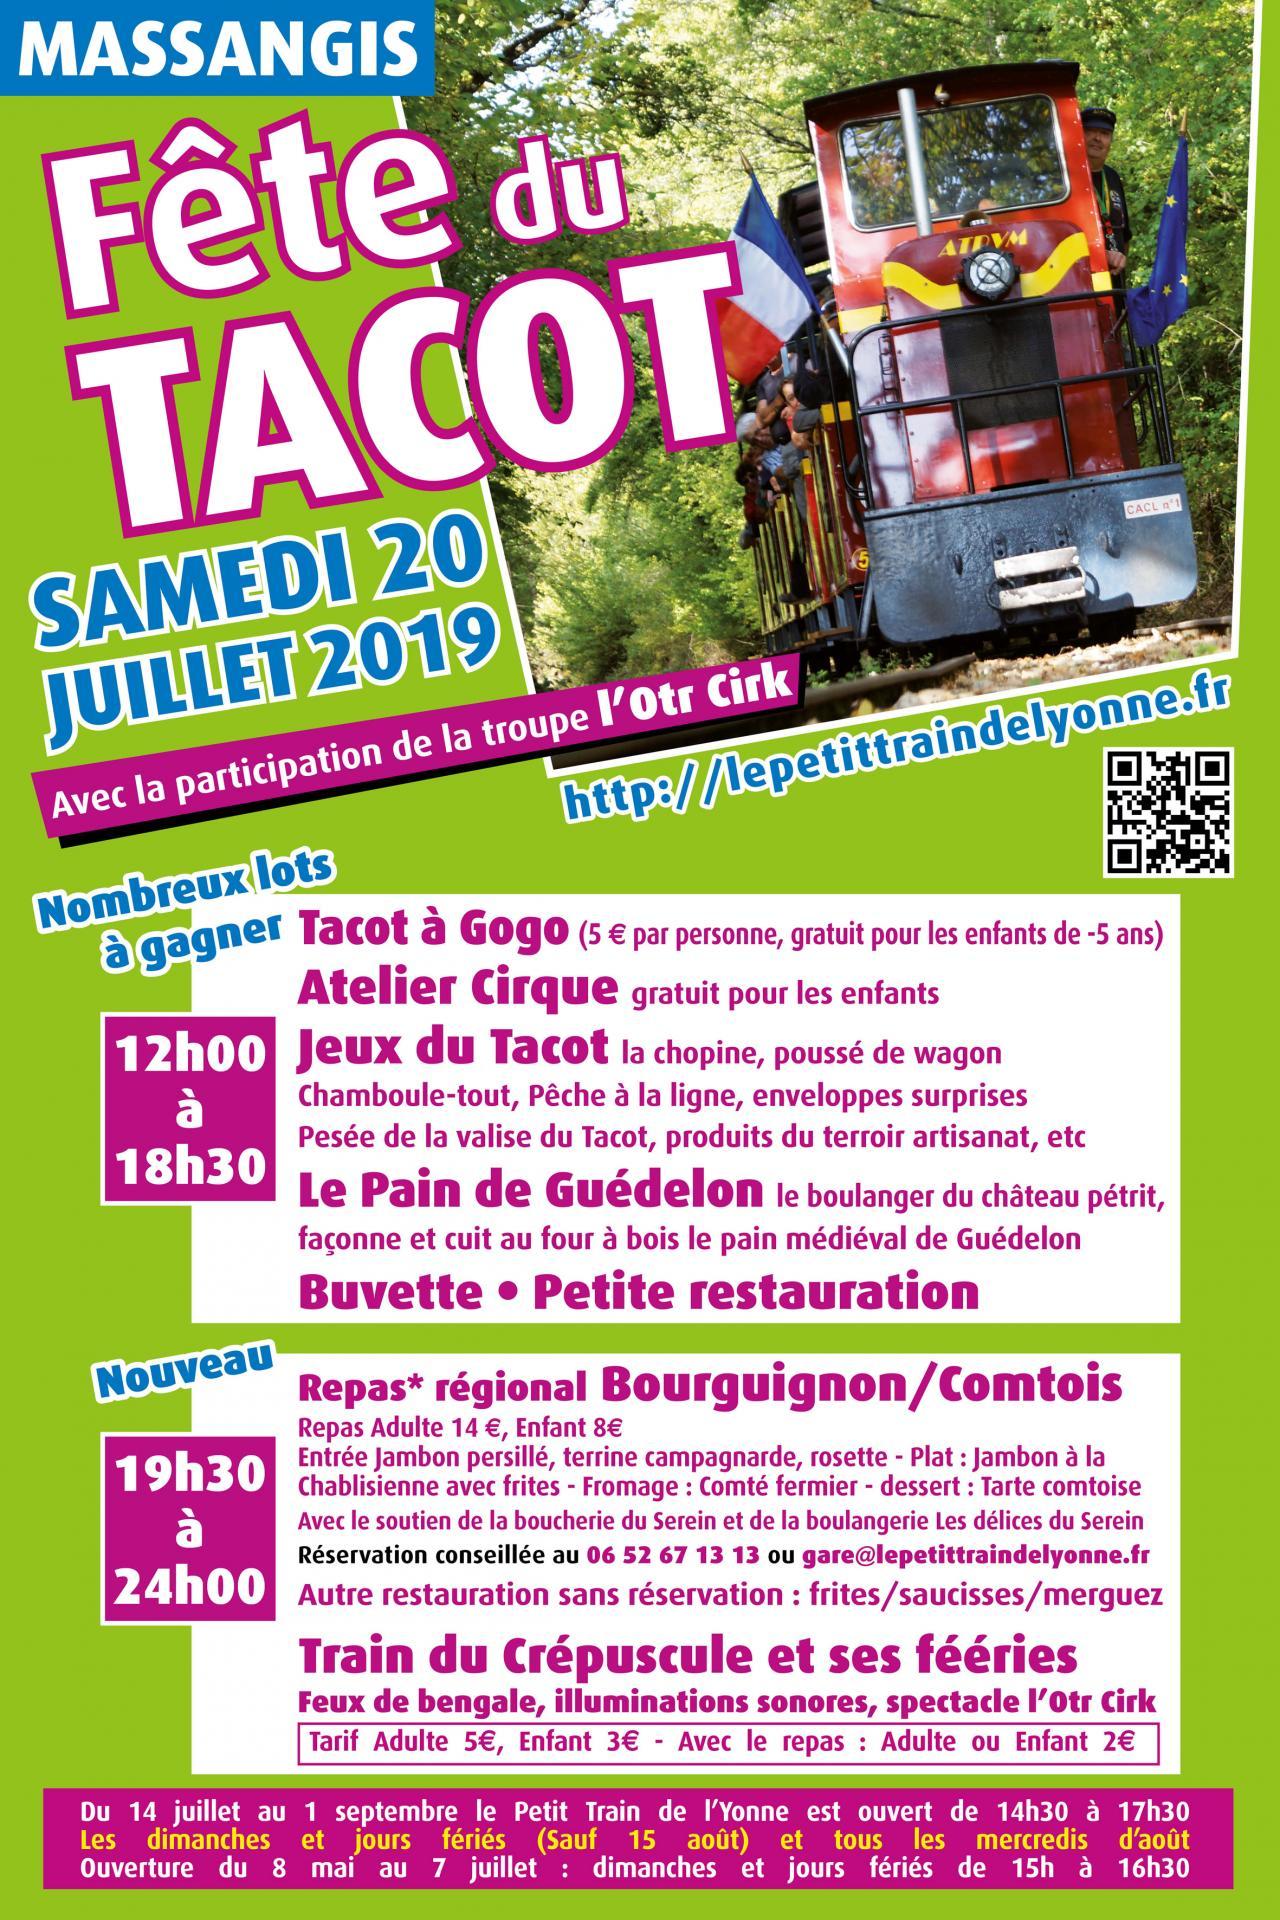 L'yonne Le Train L'yonne Le Le Petit Train Train De De Petit Petit SpGLMVzqU